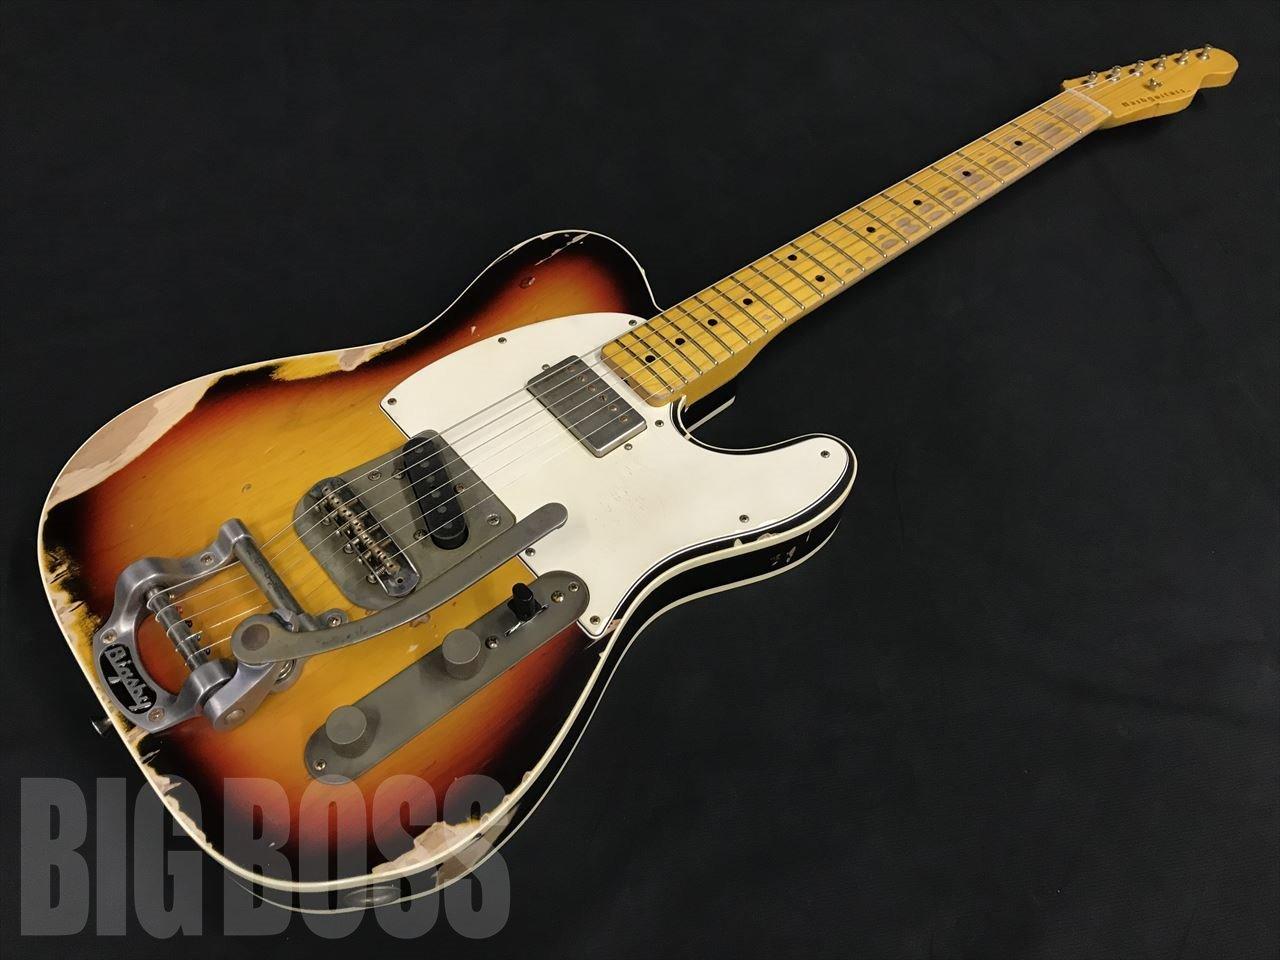 【再入荷!】 【ポイント5倍】 Guitars【即納可能】Nash Guitars T63 Bigsby #NG4800 T63 (3TS) #NG4800 [メンテナンス無料], モデルノ:a64670d2 --- eamgalib.ru